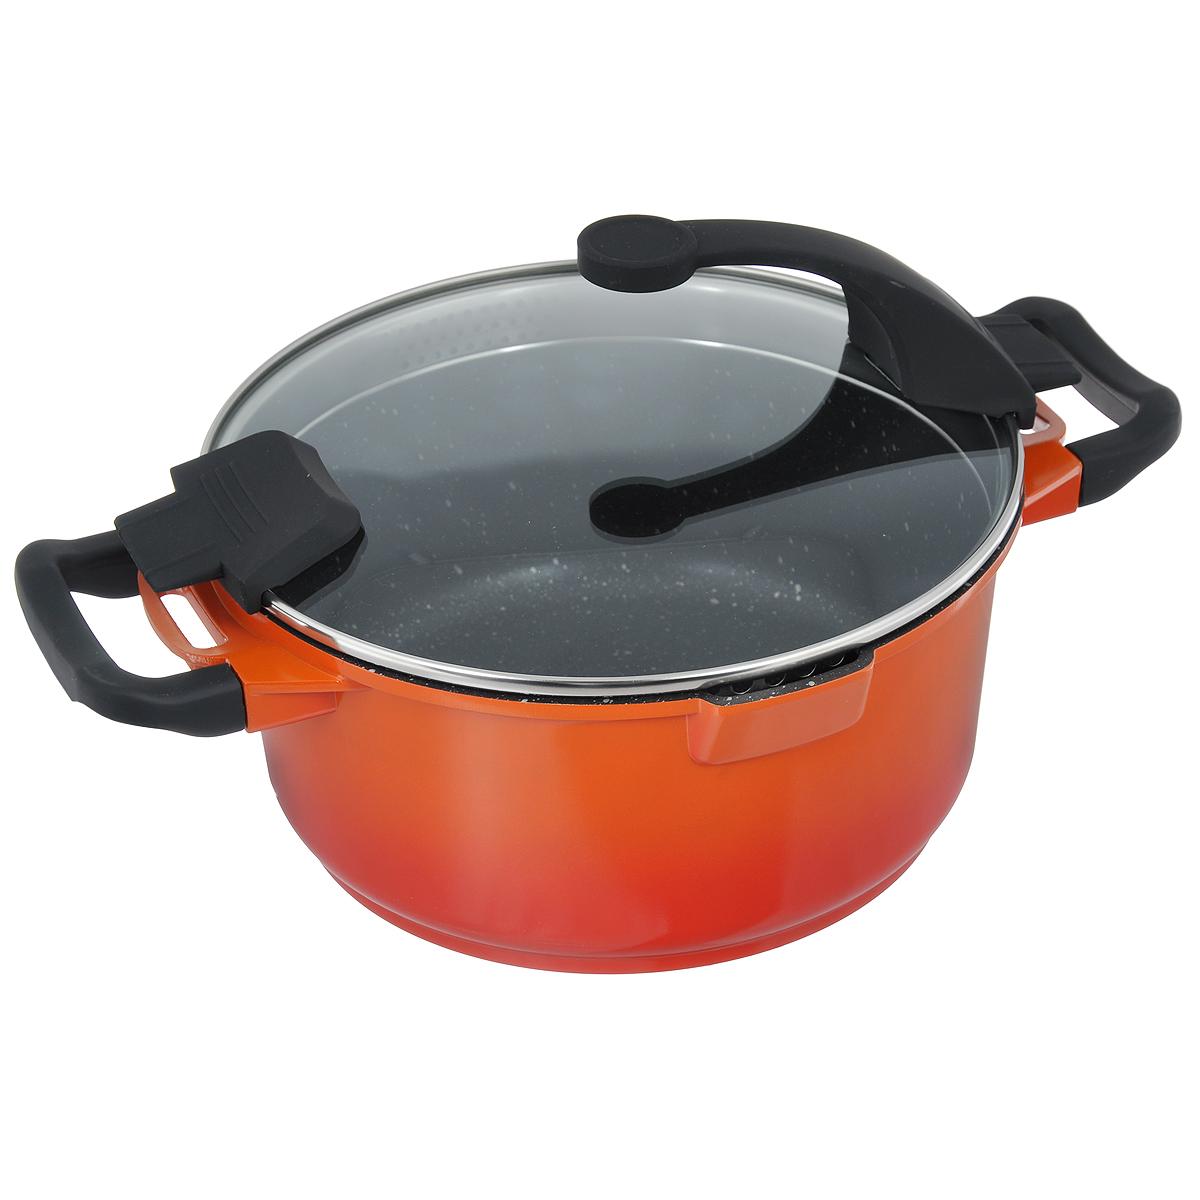 """Кастрюля BergHOFF """"Virgo Orange"""" с крышкой, с антипригарным покрытием, цвет: оранжево-красный, 4,6 л 2304902"""